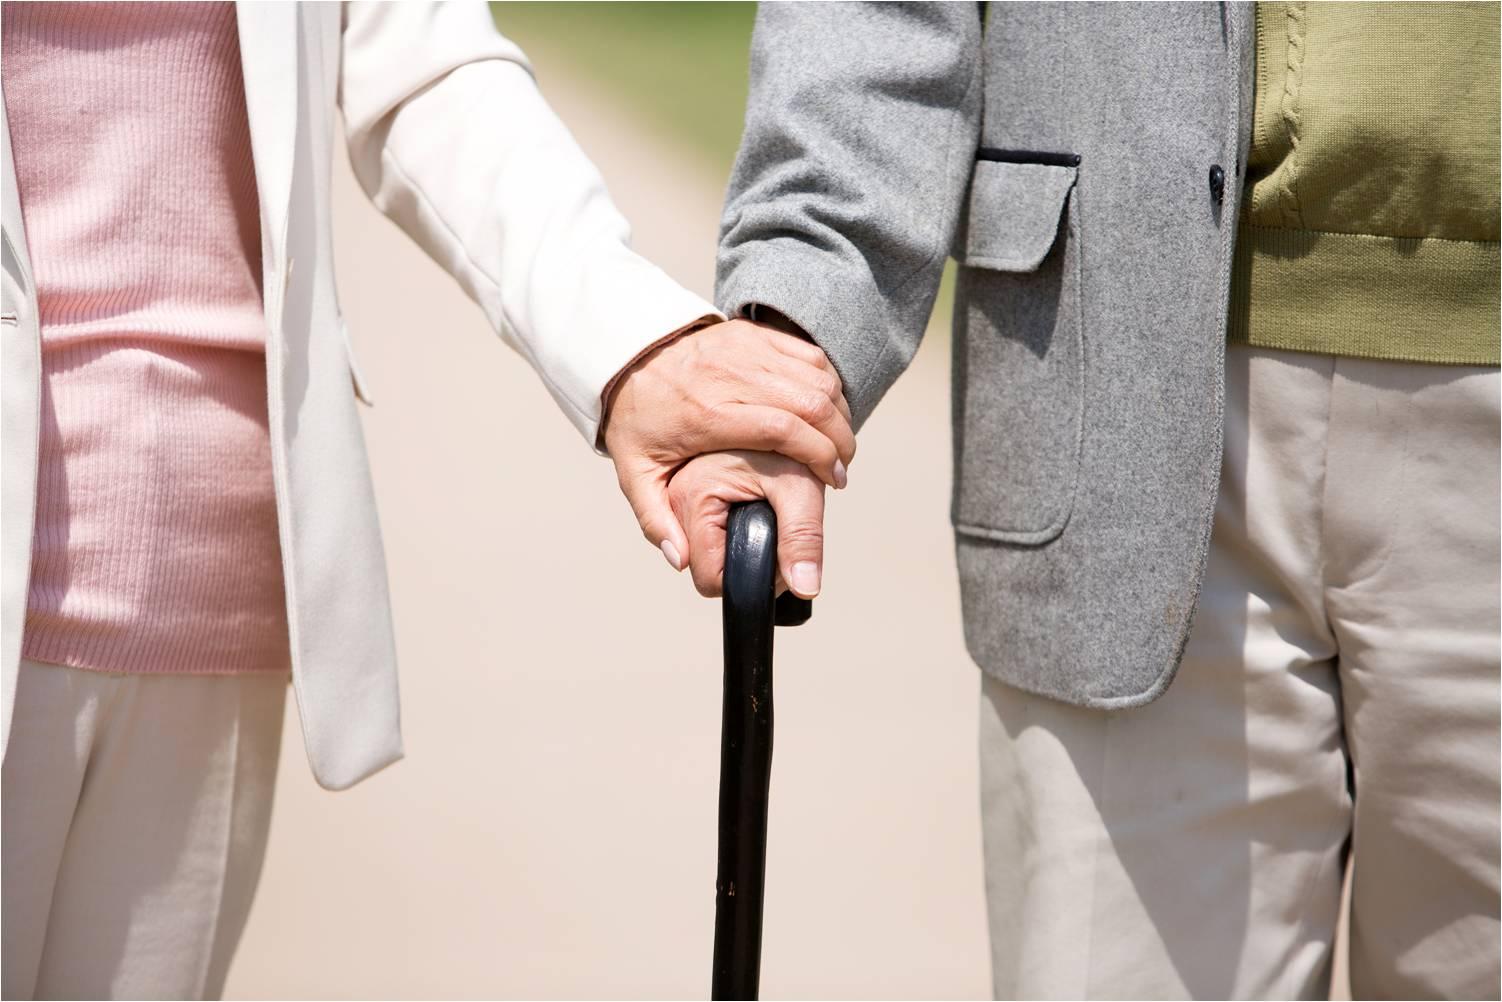 노후에도 알콩달콩 신혼같은 부부생활을 하려면?